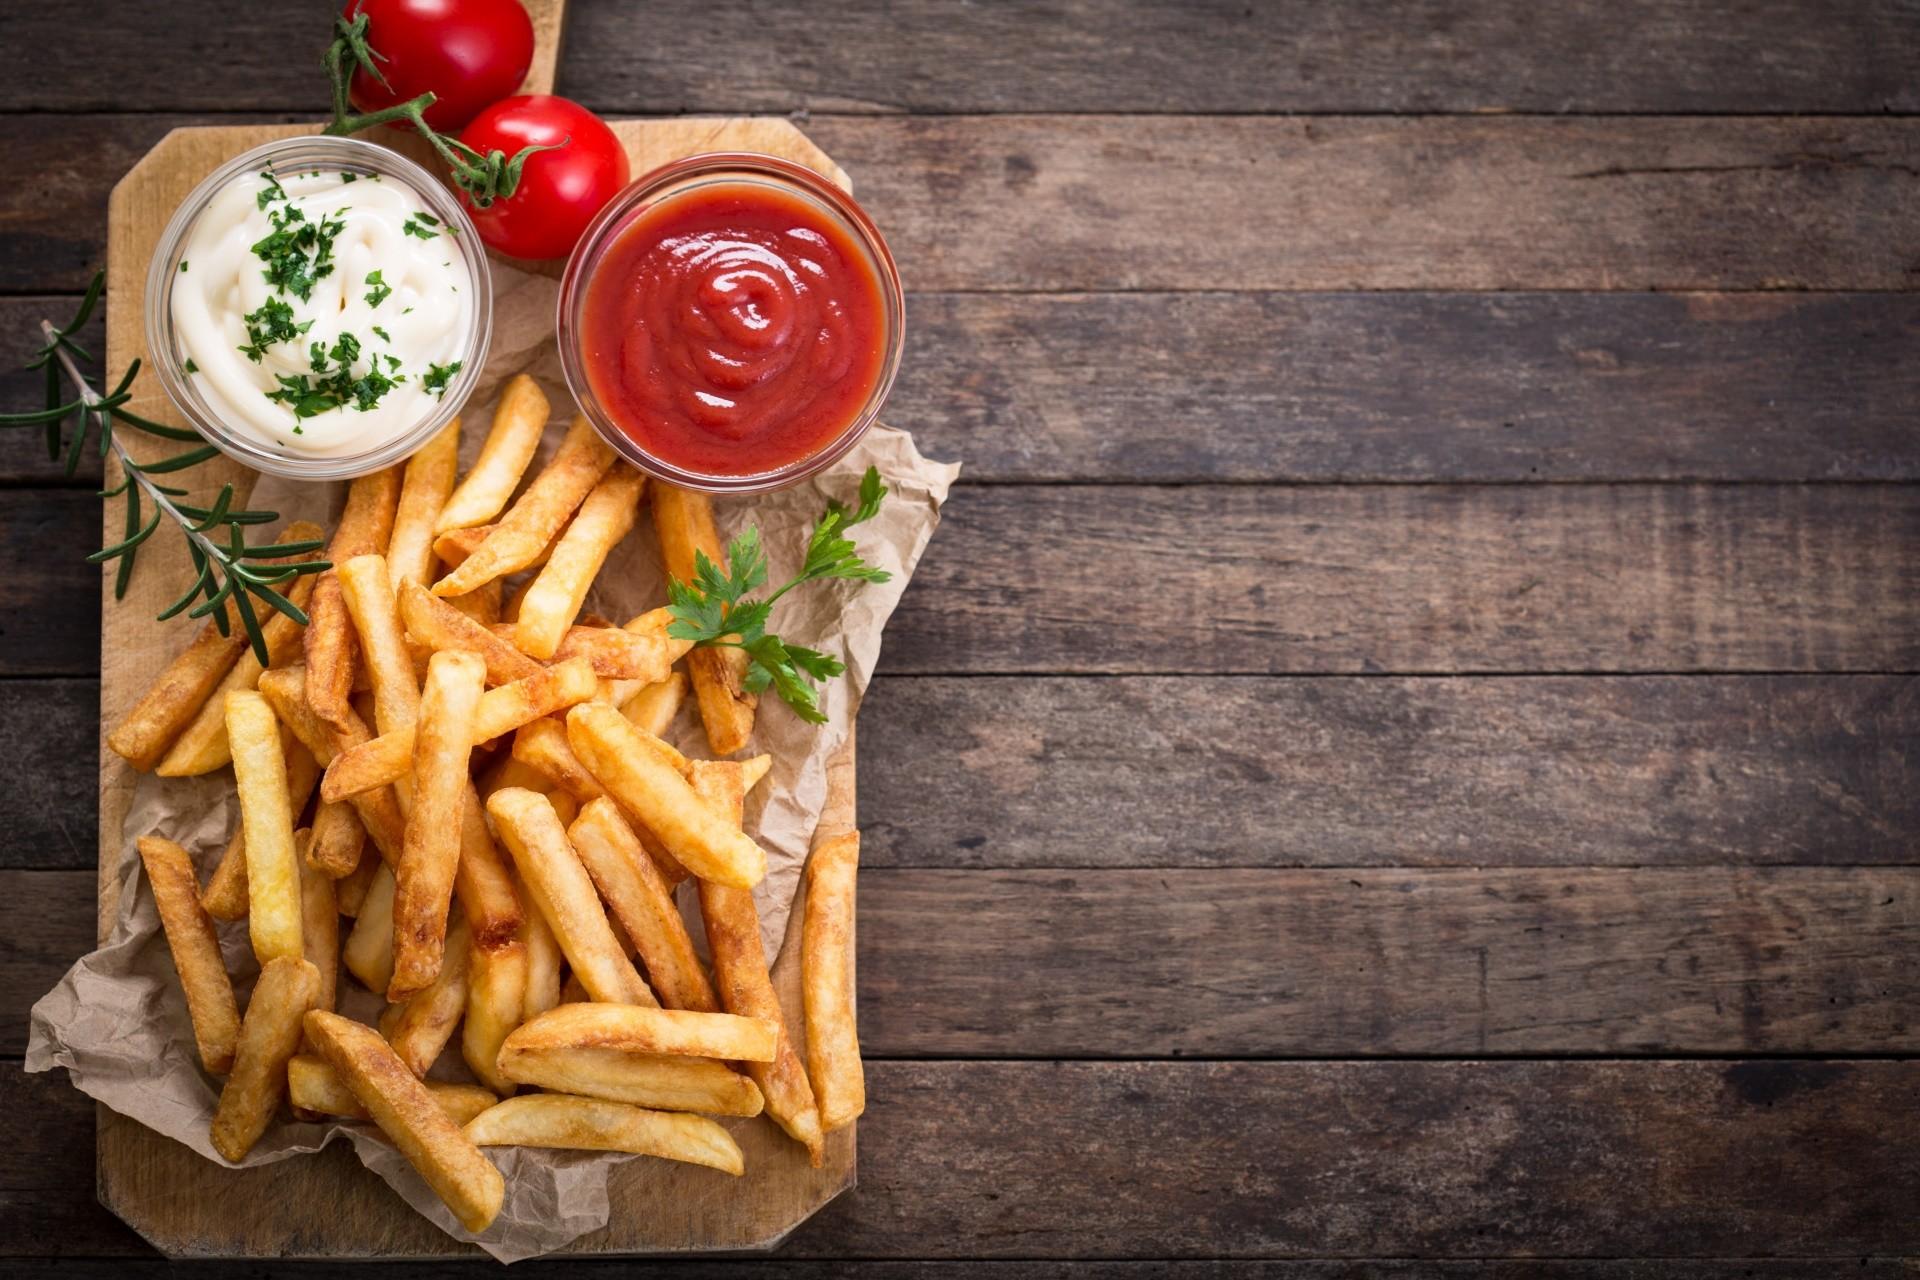 Fondo Para Comida Rapida: Fond D'écran : Aliments, Tomates, Fast Food, Frites